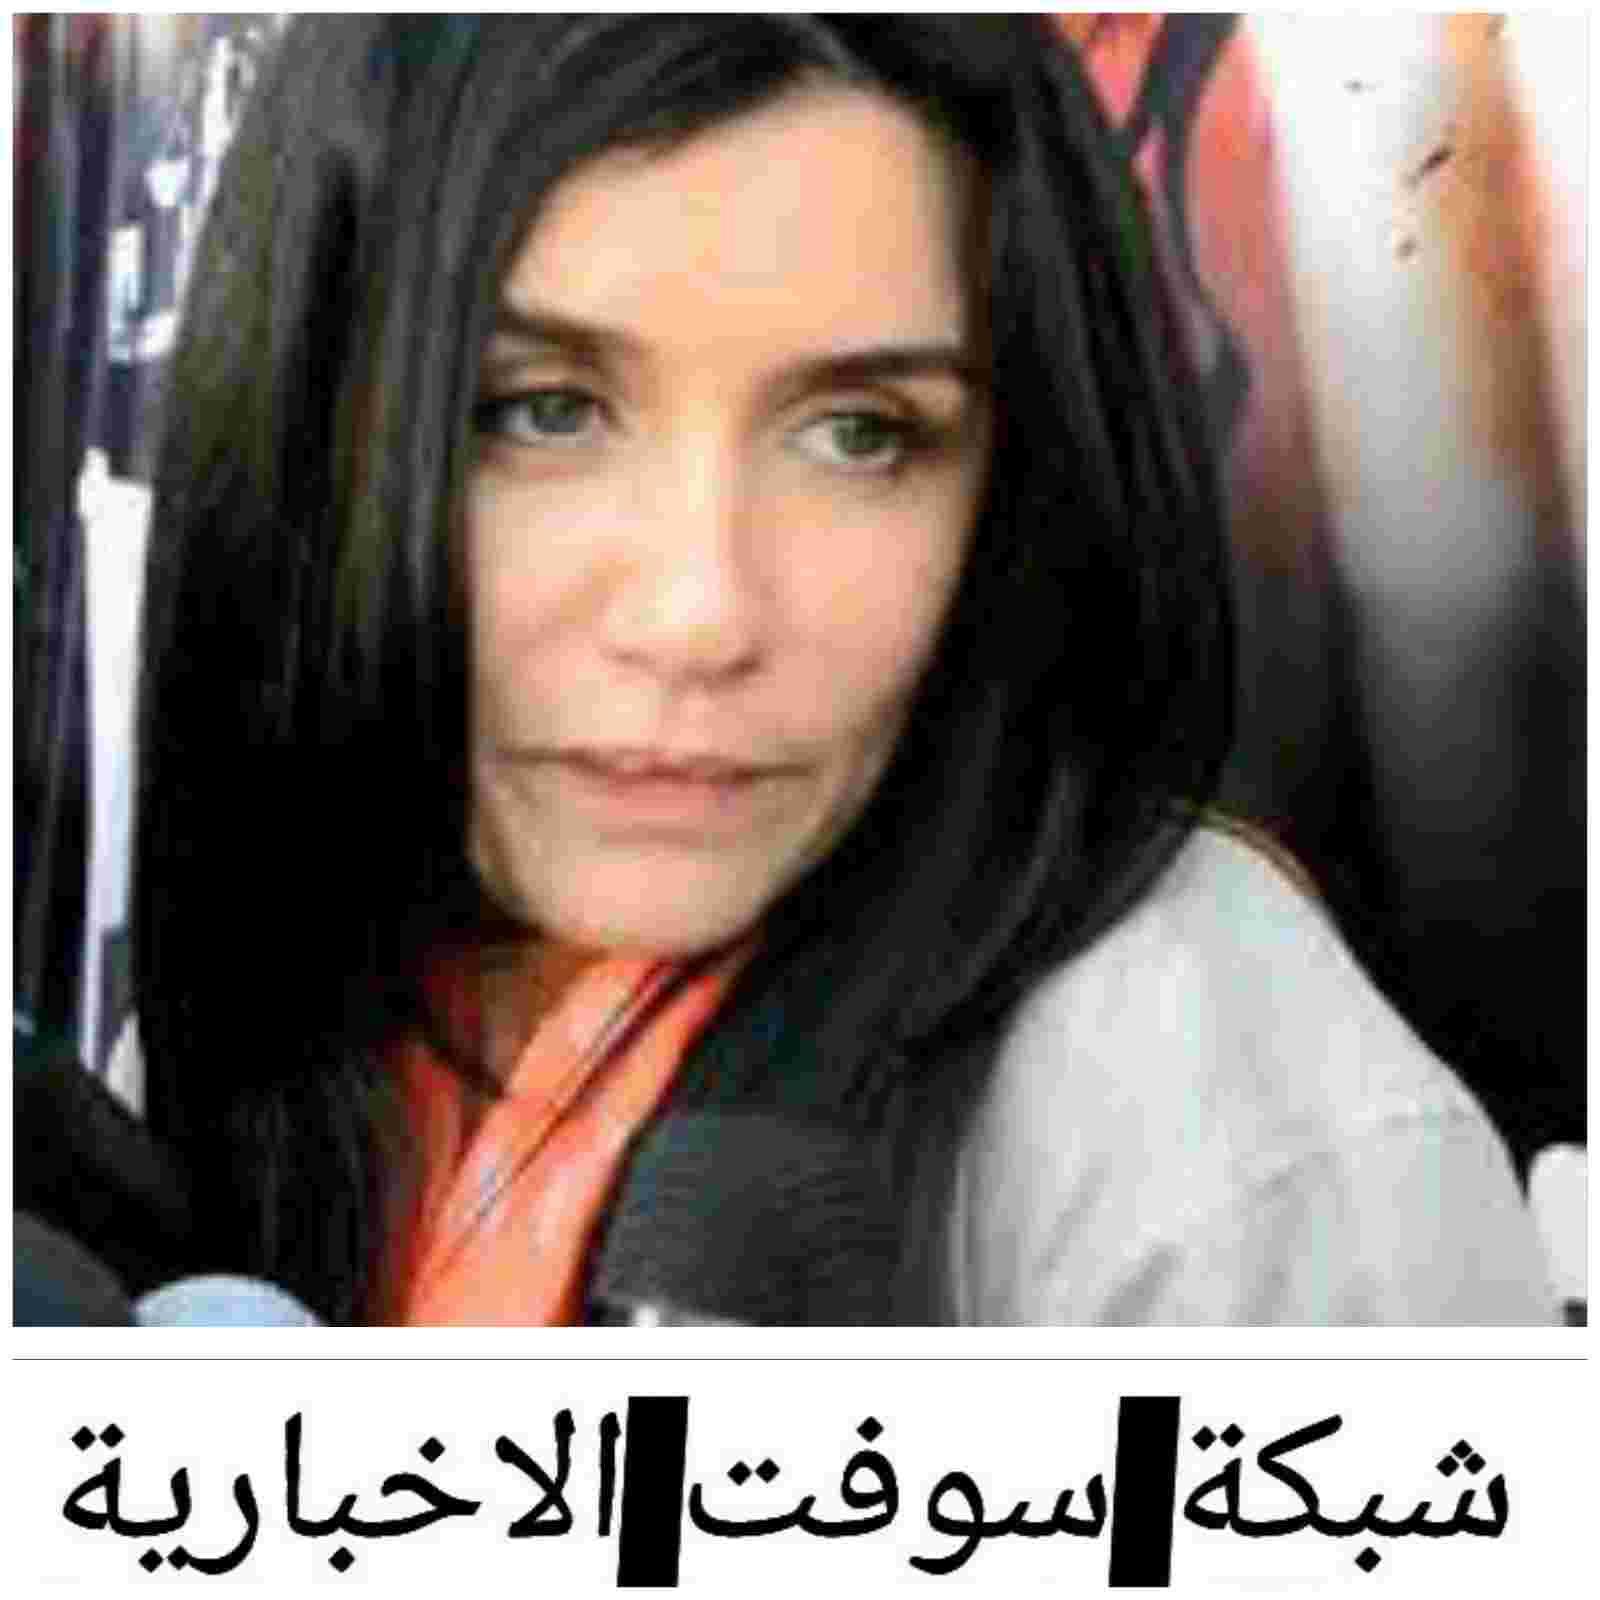 اصابة الفنانة غادة عادل بكورونا